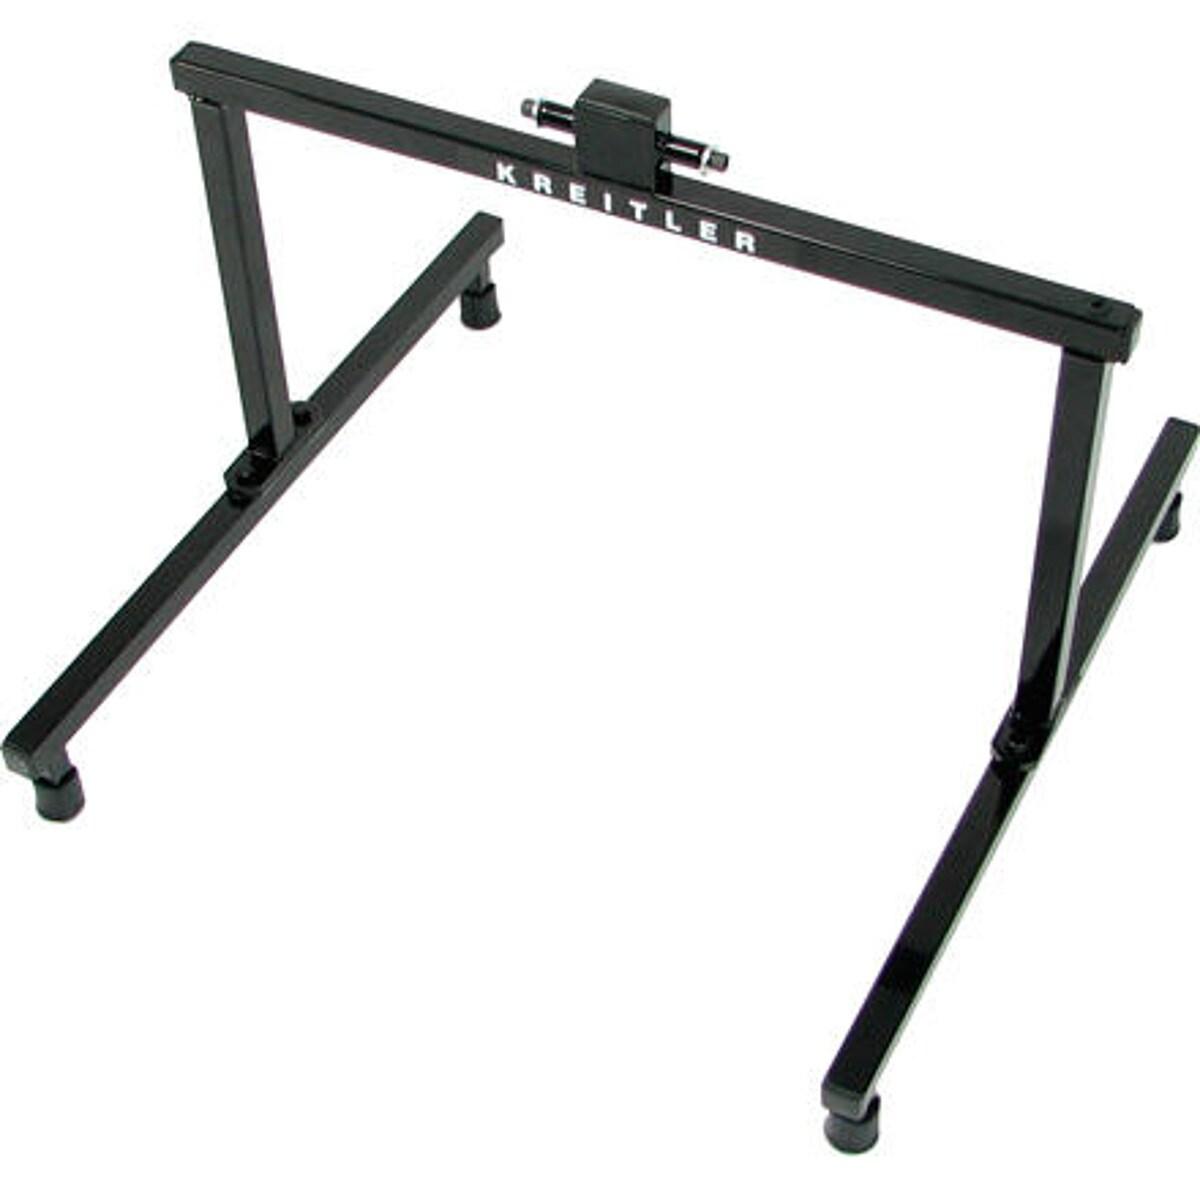 Kreitler Roller Stand